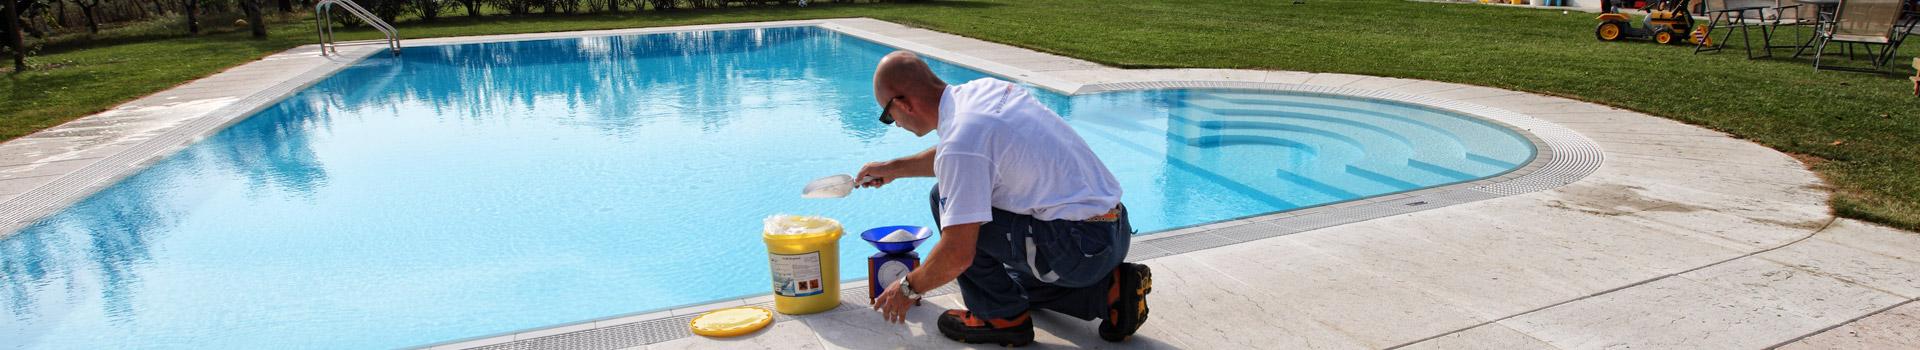 La clorazione dell 39 acqua piscine castiglione for Clorazione piscine